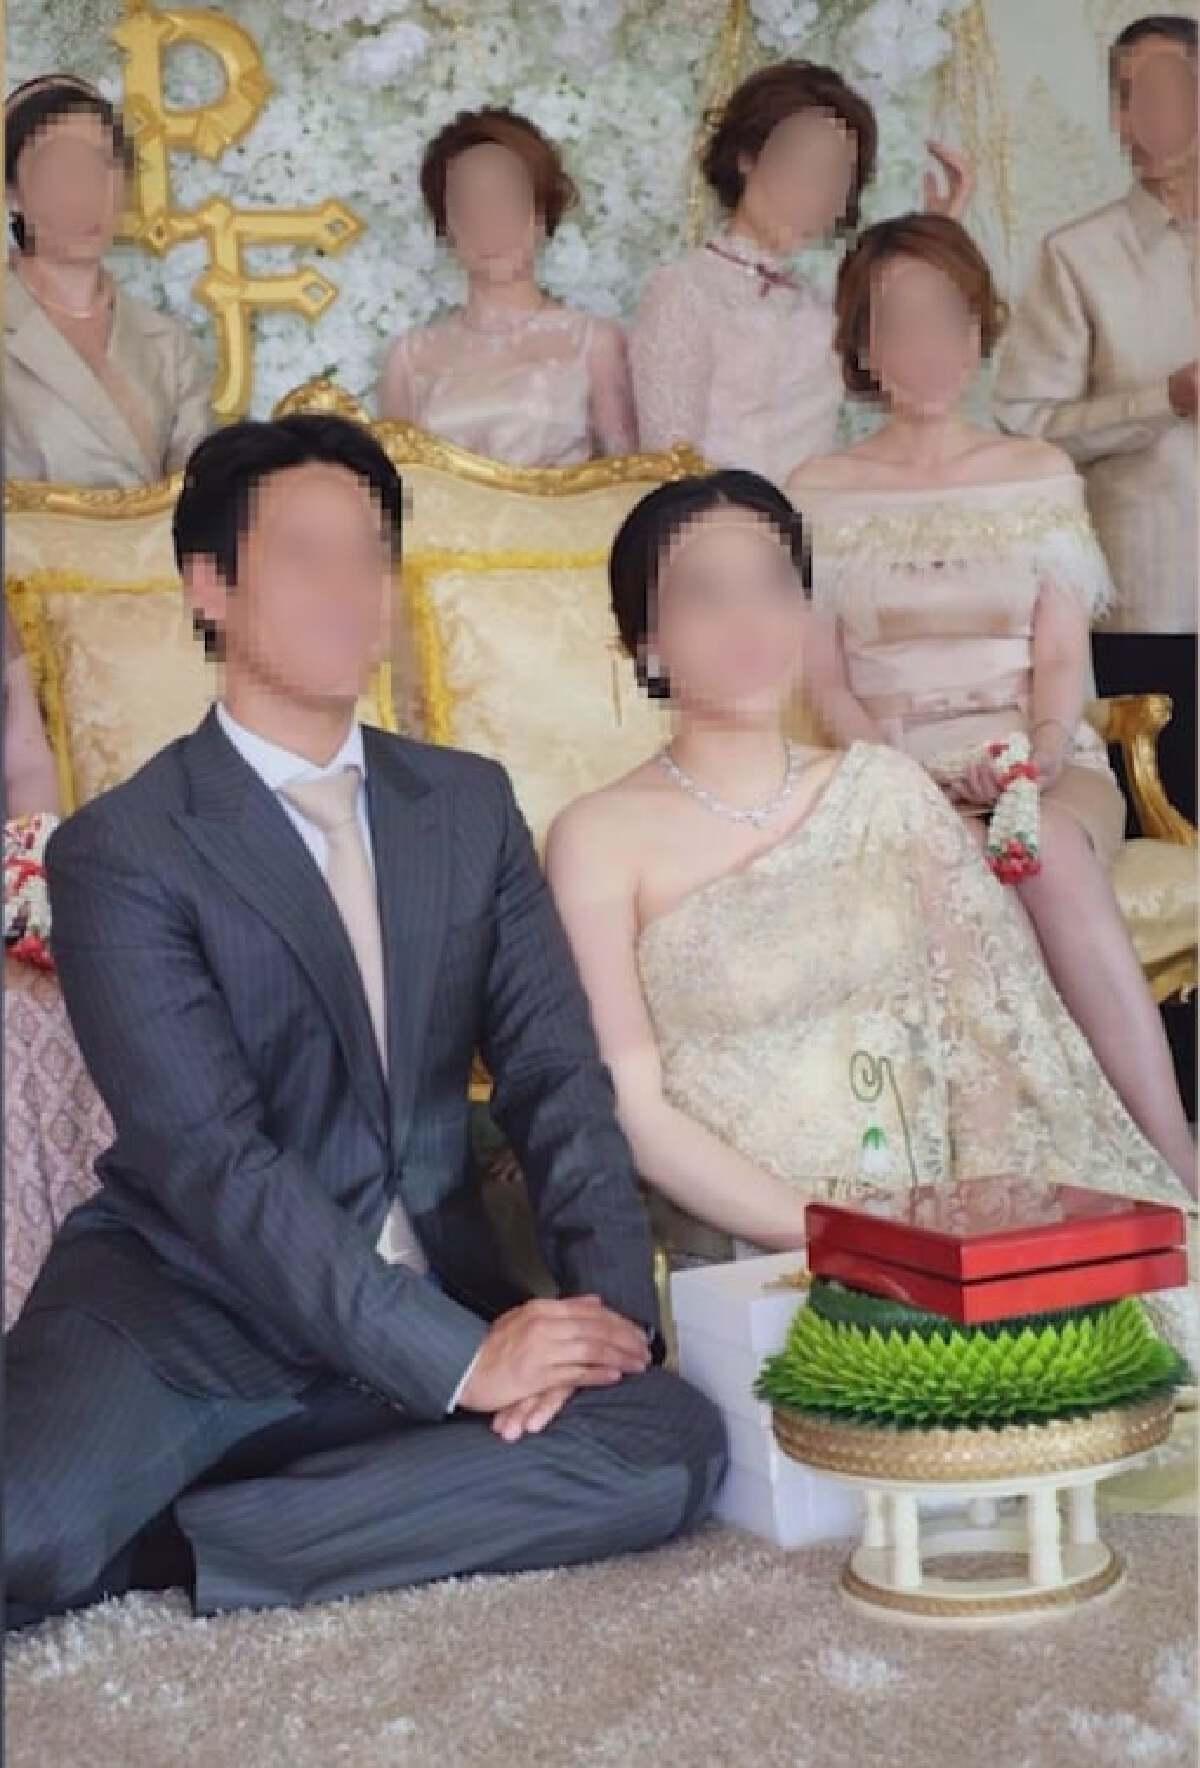 หลุดว่อนเน็ตรูปงานแต่งงาน คนโยงเป็นนักธุรกิจพ่อหม้าย